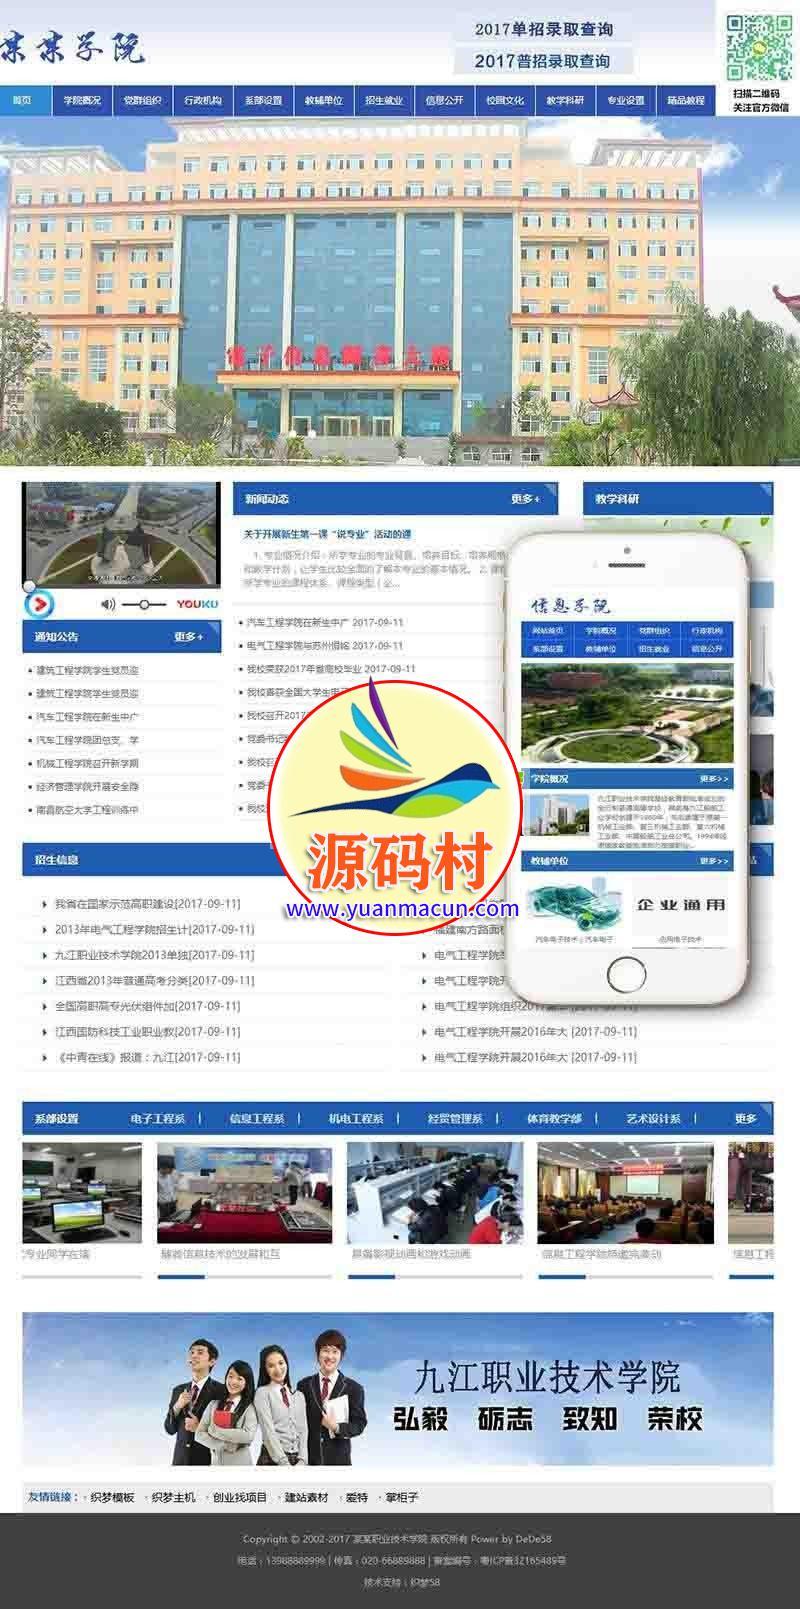 dedecms织梦信息职业技术学院学校类网站源码(带手机端) 职业技术学校整站源码下载